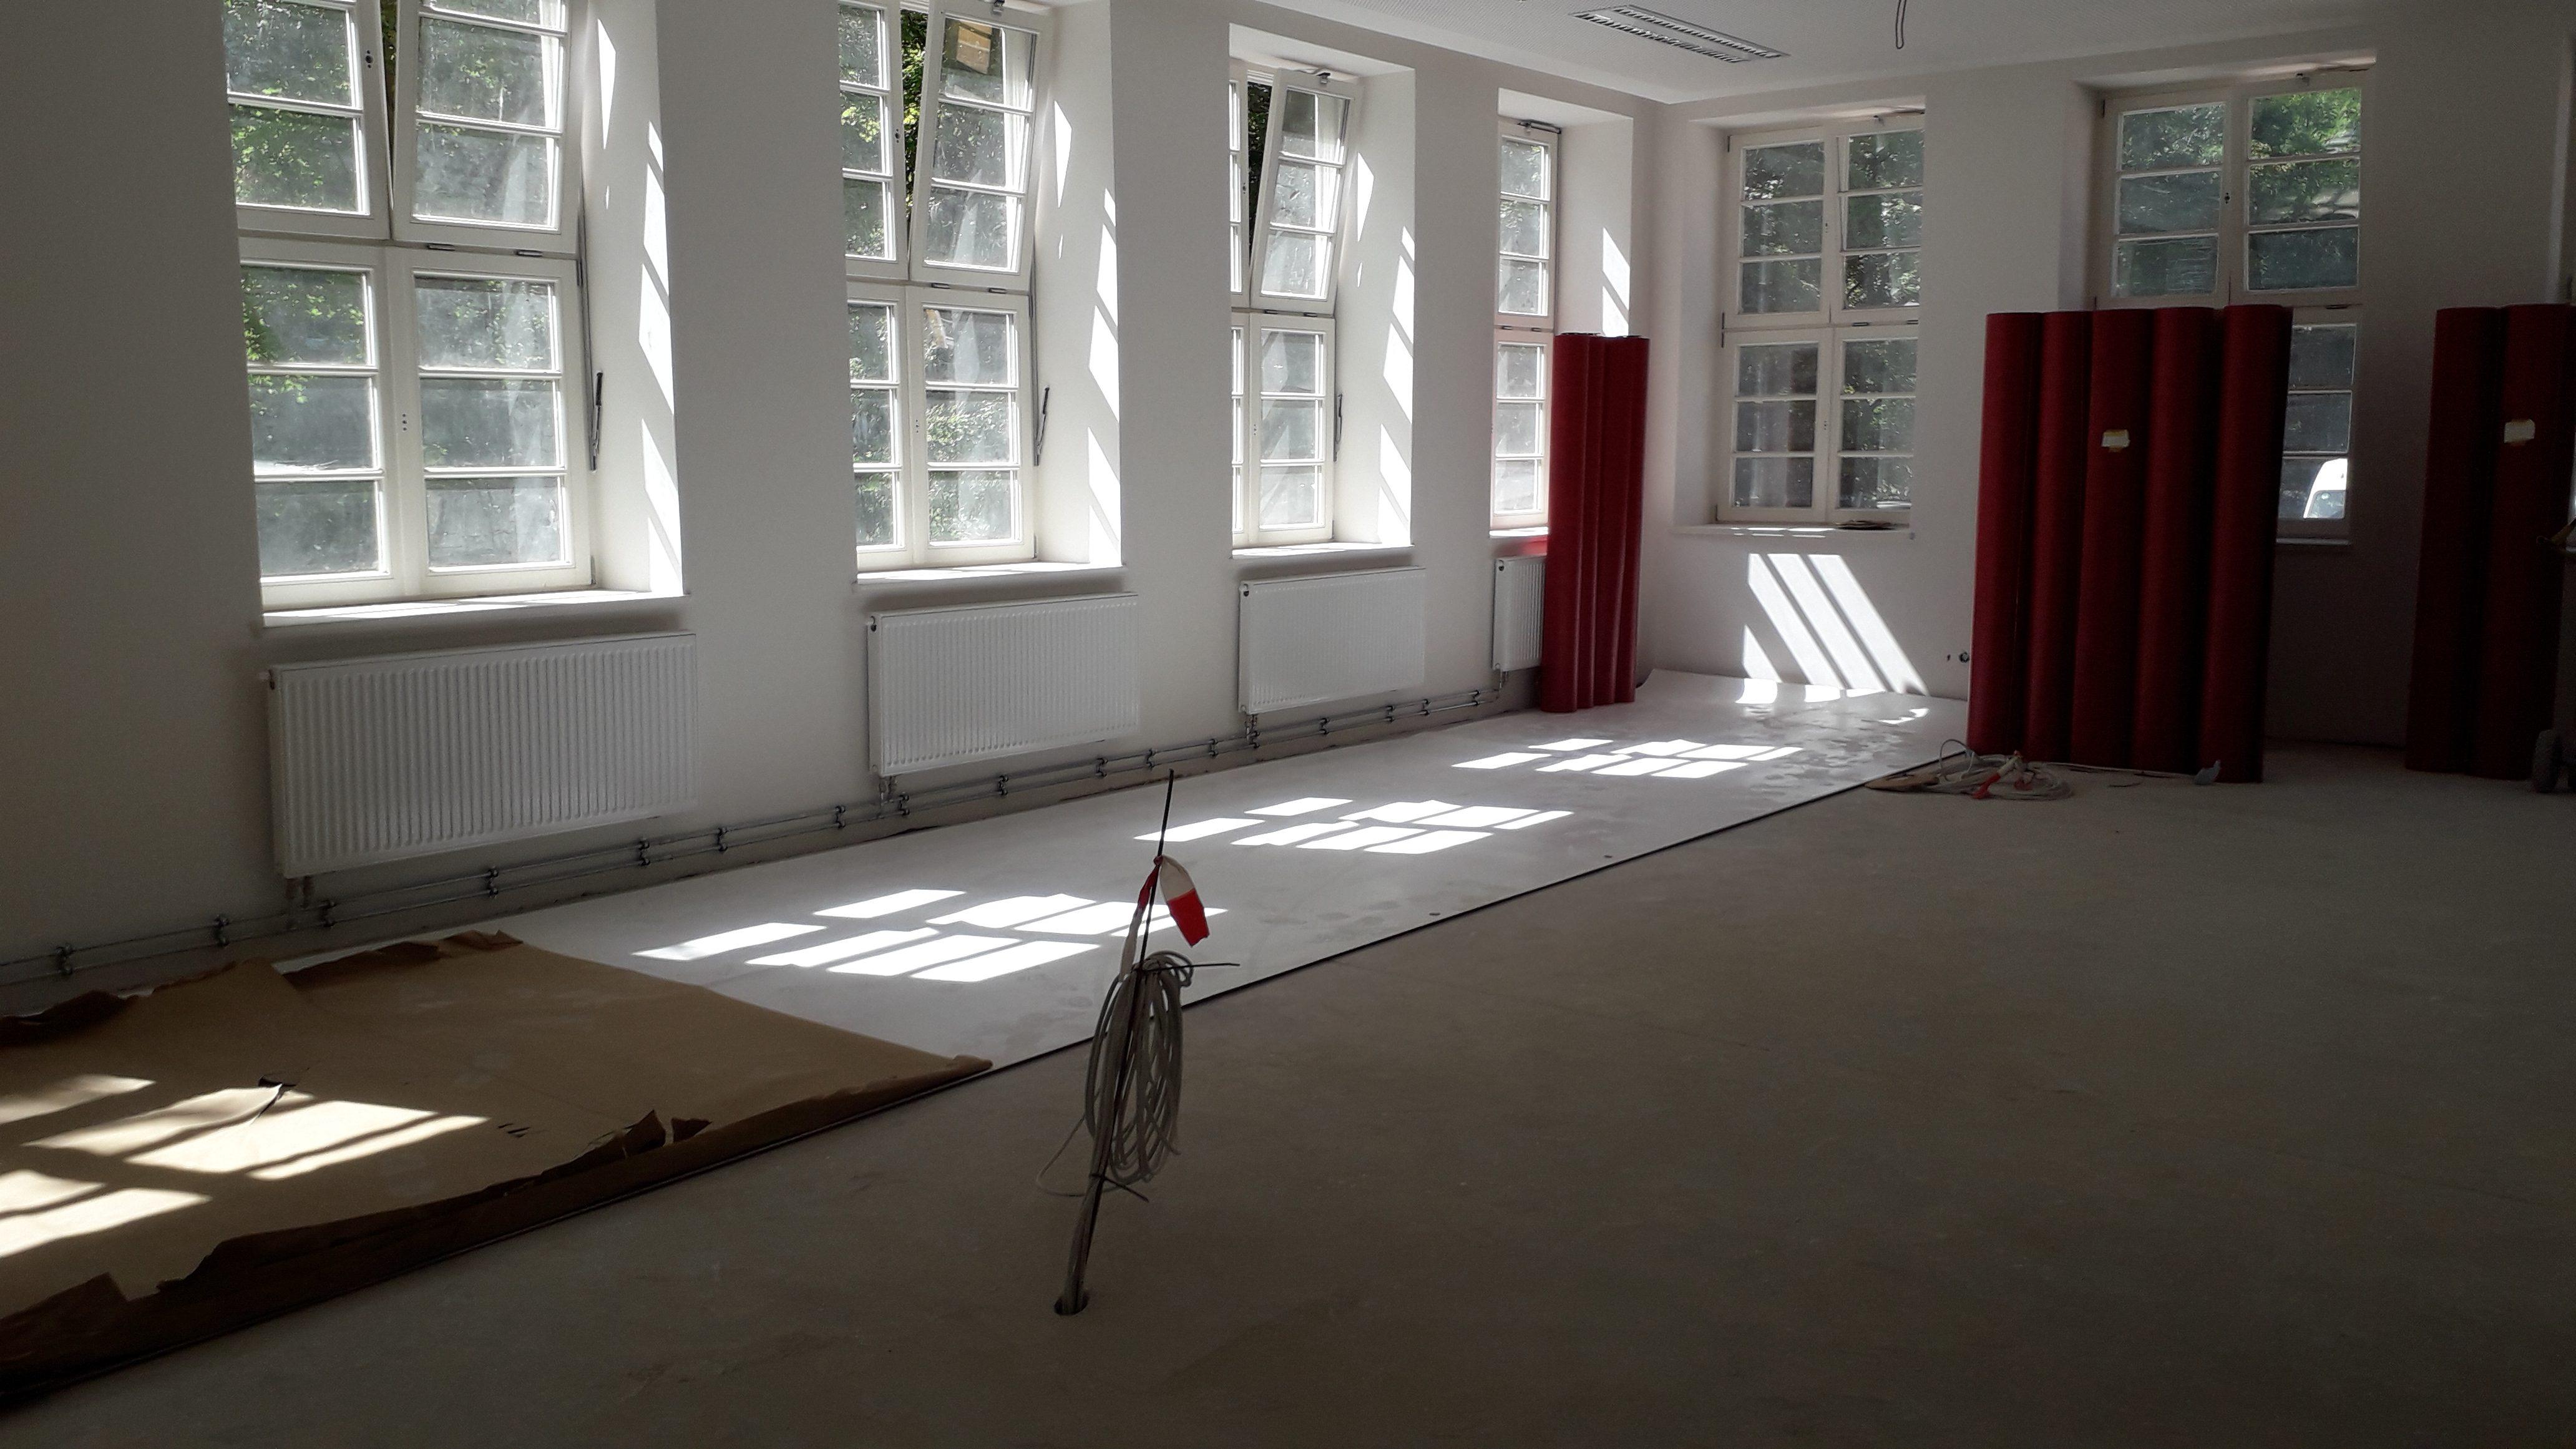 Ratzelstrße Oberschule ehemalige 55. Oberschule